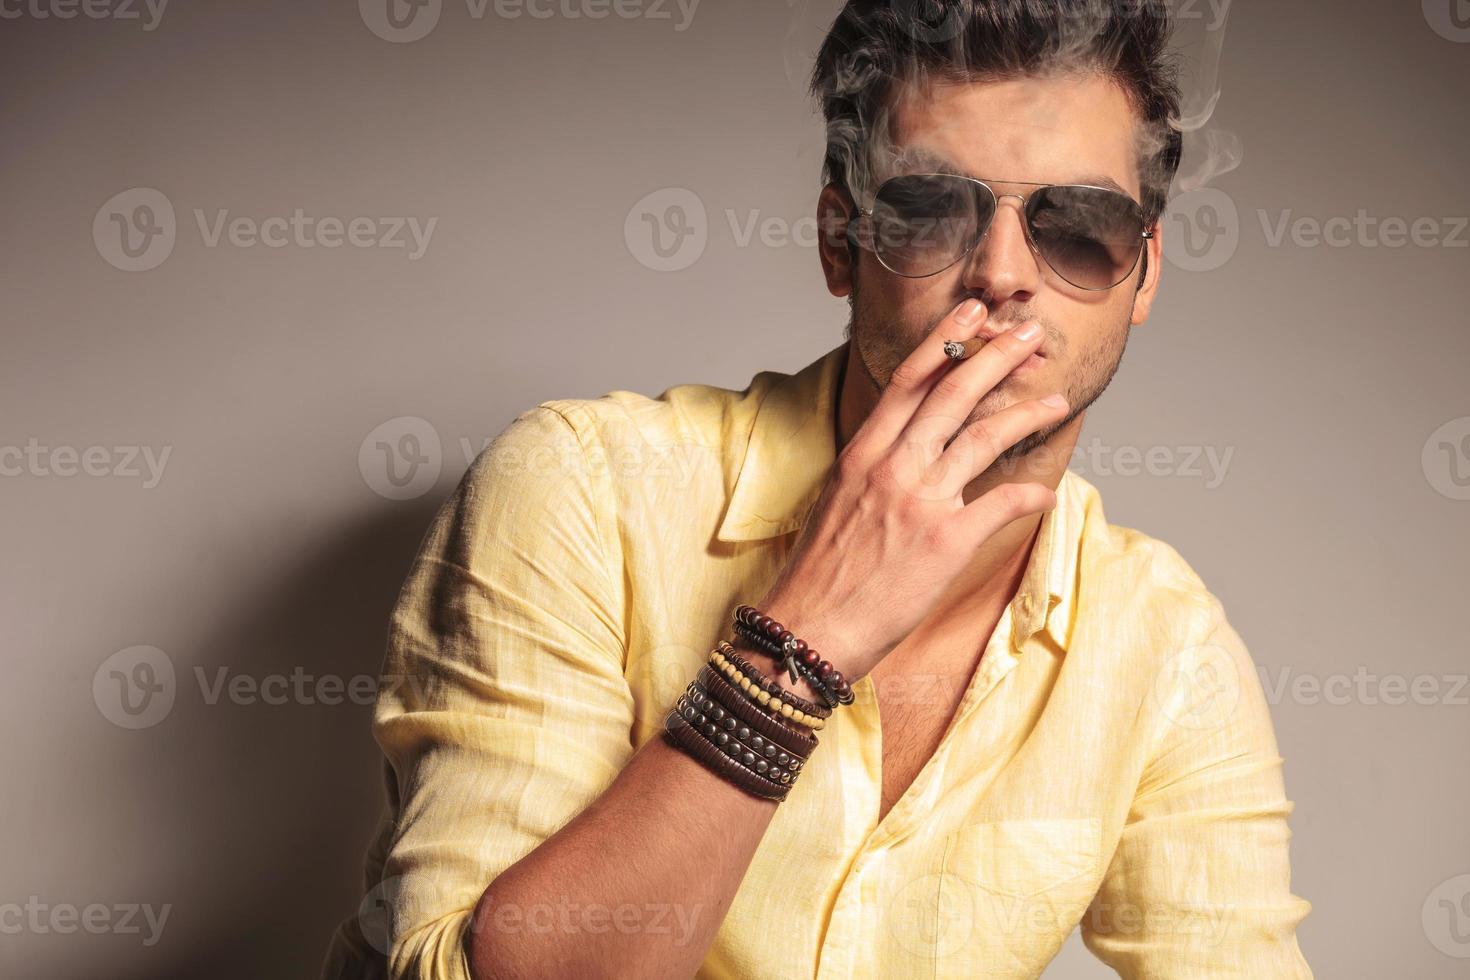 homme de mode cool avec des lunettes de soleil appréciant sa cigarette photo